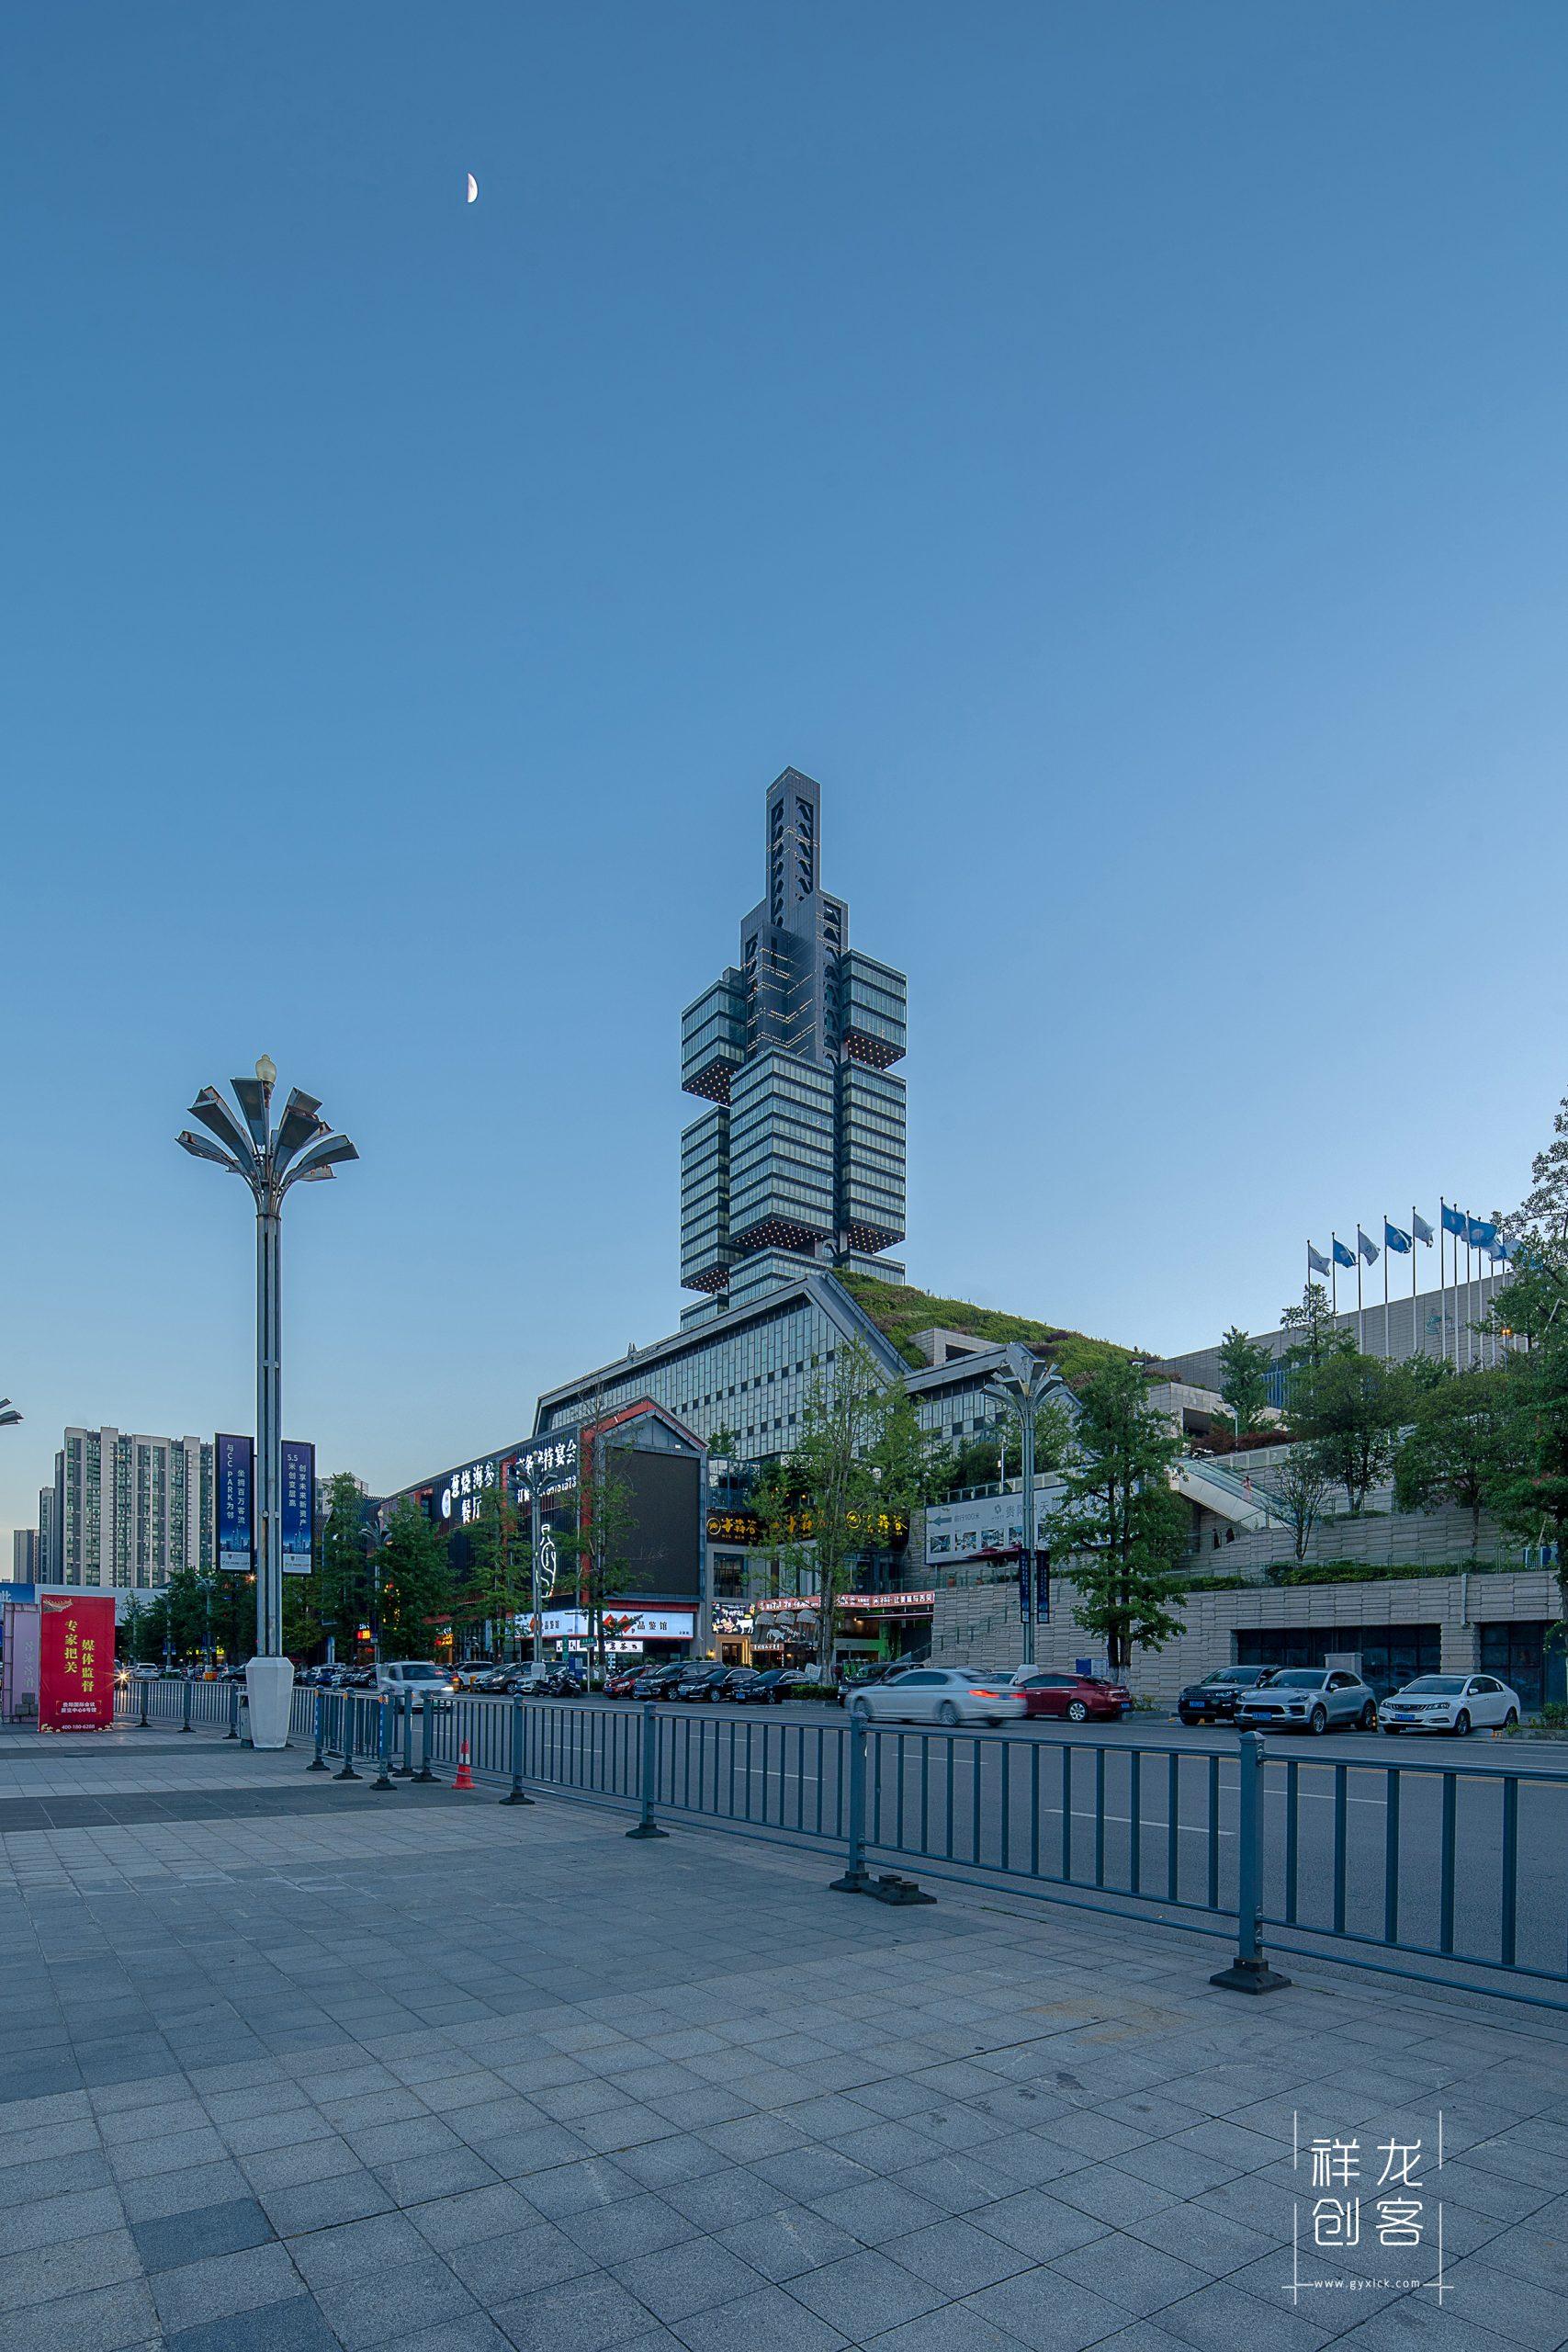 贵阳会展城建筑空间摄影